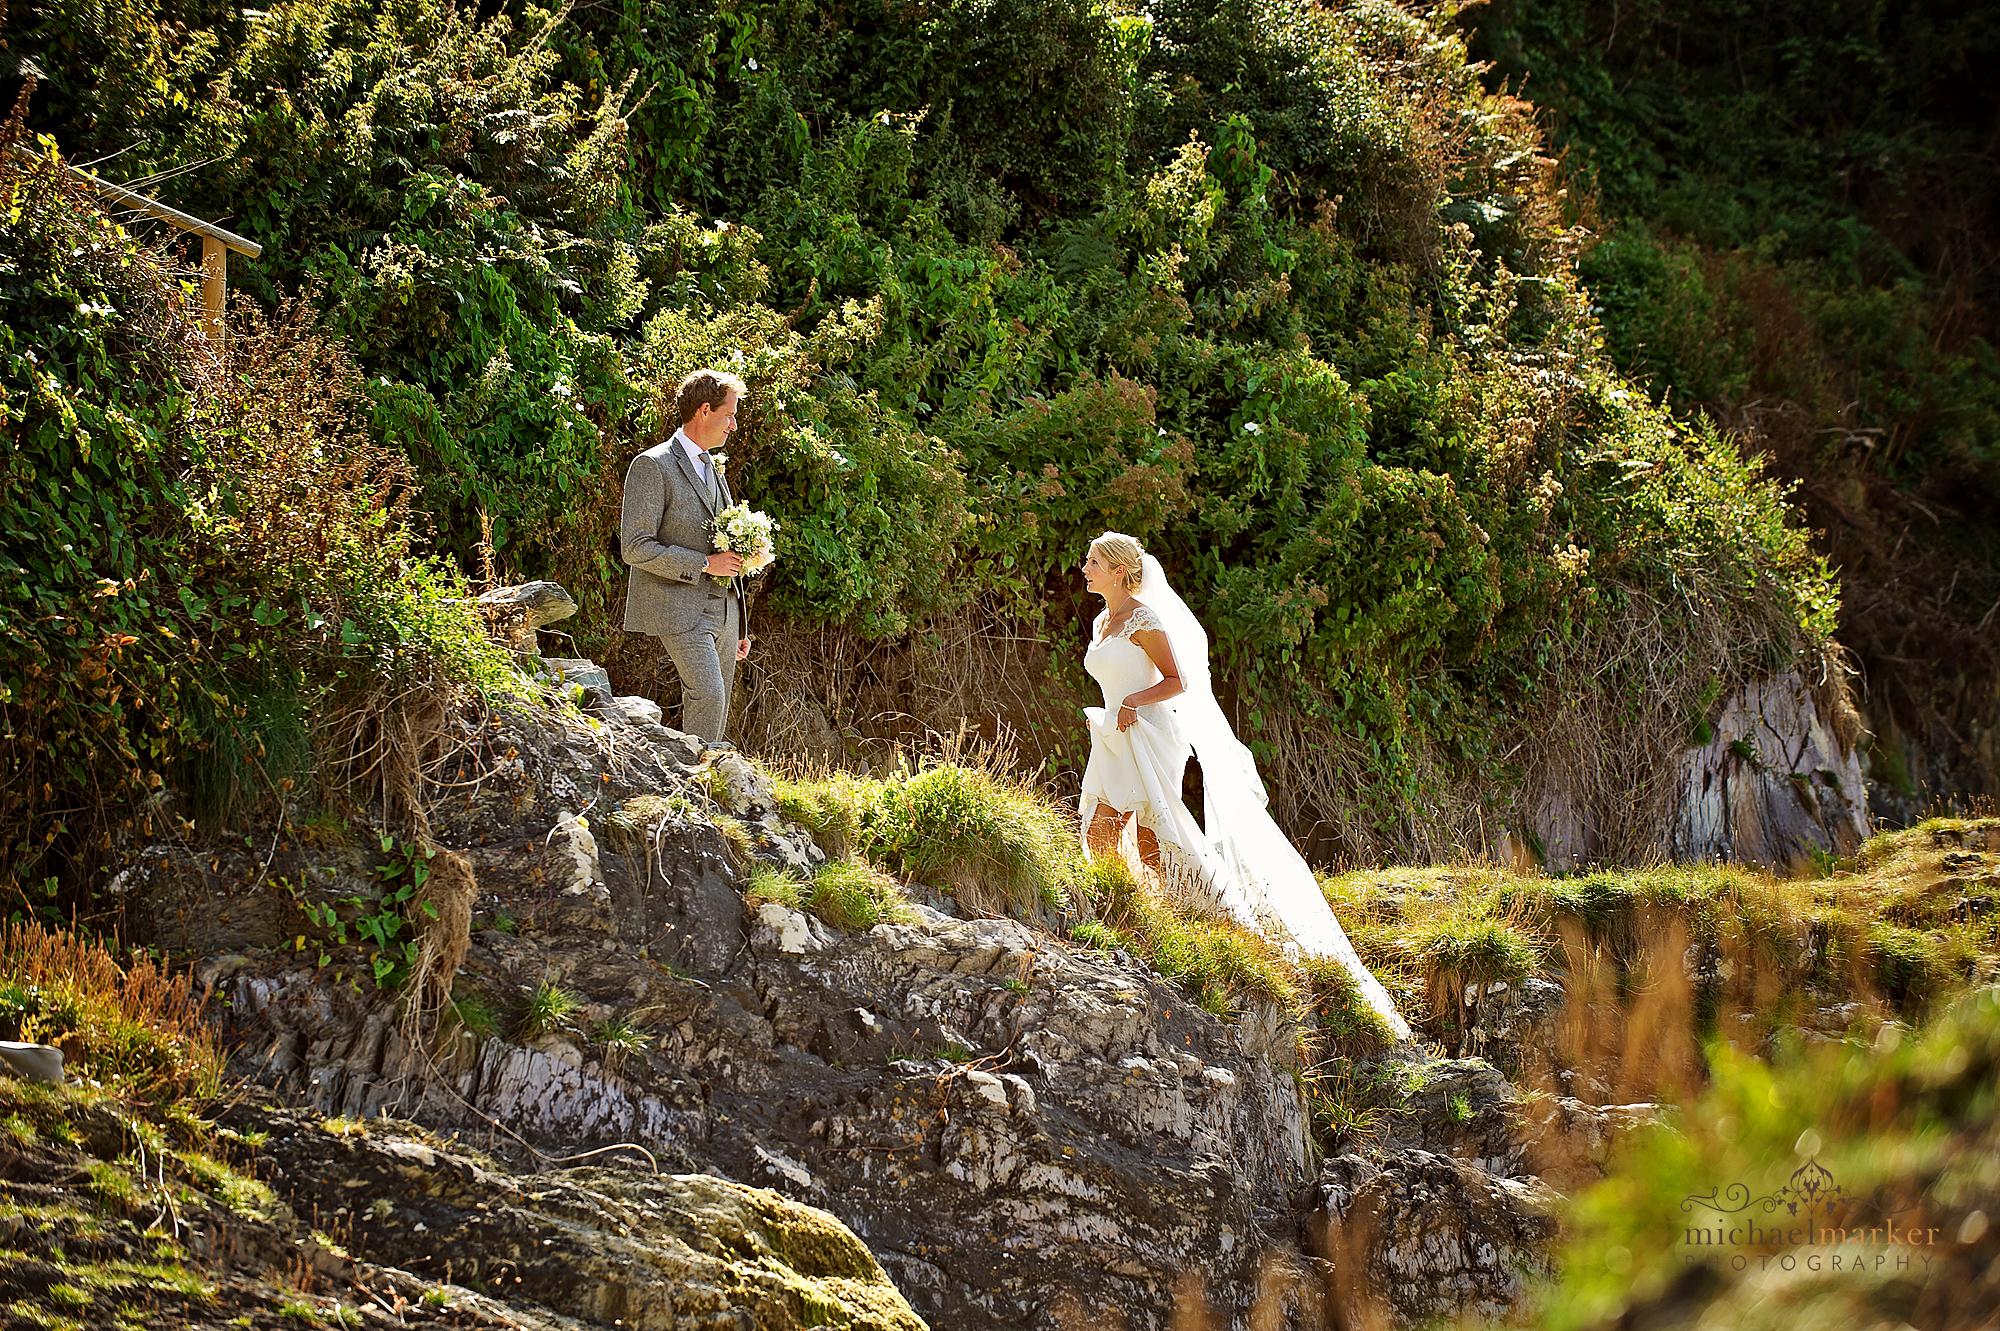 Polhawn-fort-beach-wedding